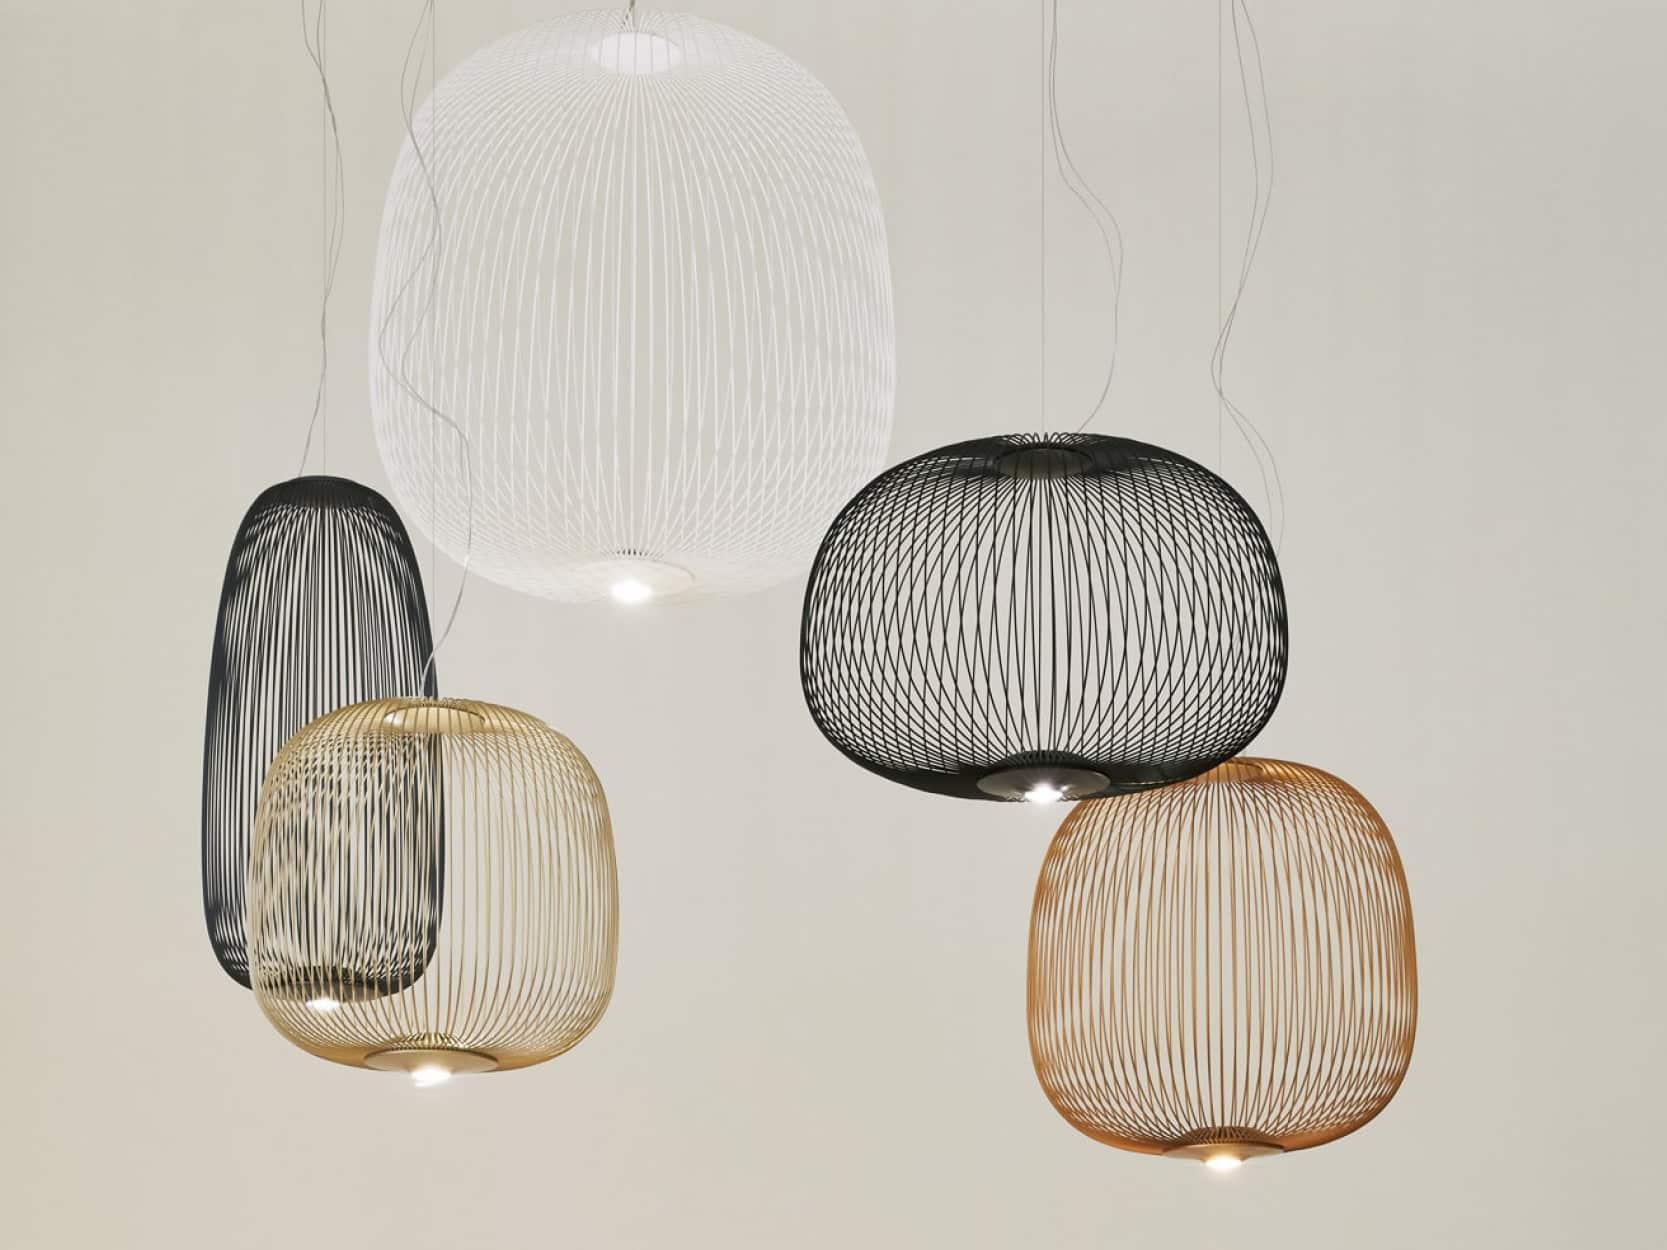 Foscarini hanglamp Spokes2 sfeer licht